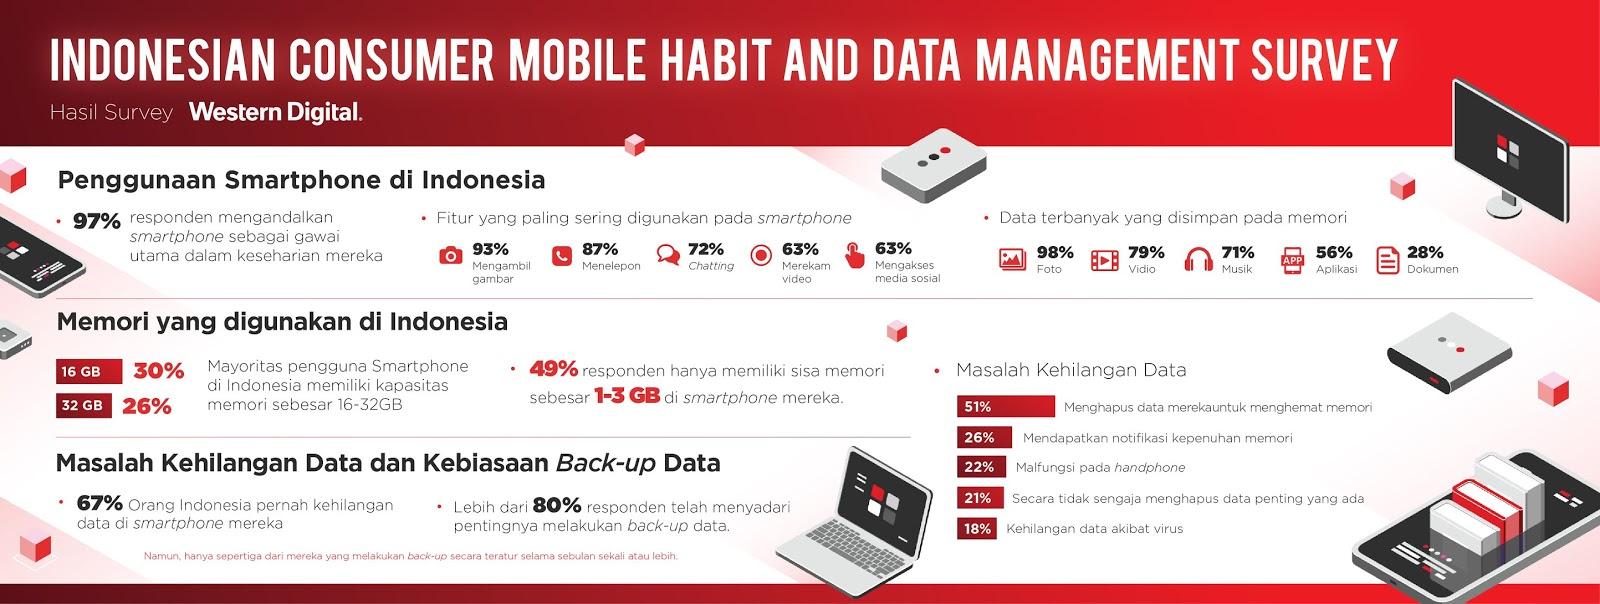 hasil survei penggunaan backup data pada smartphone